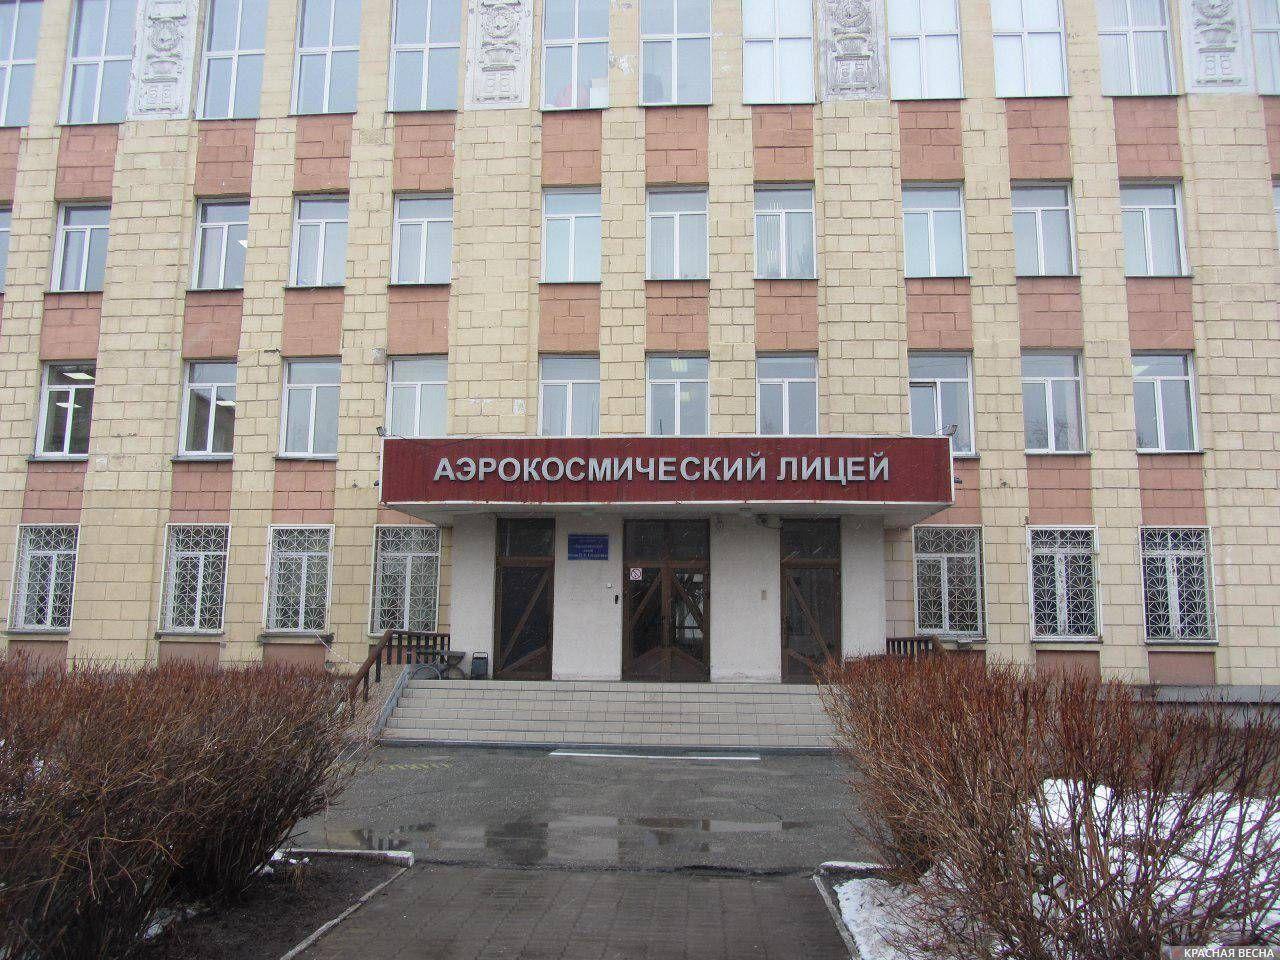 Аэрокосмический лицей, Новосибирск